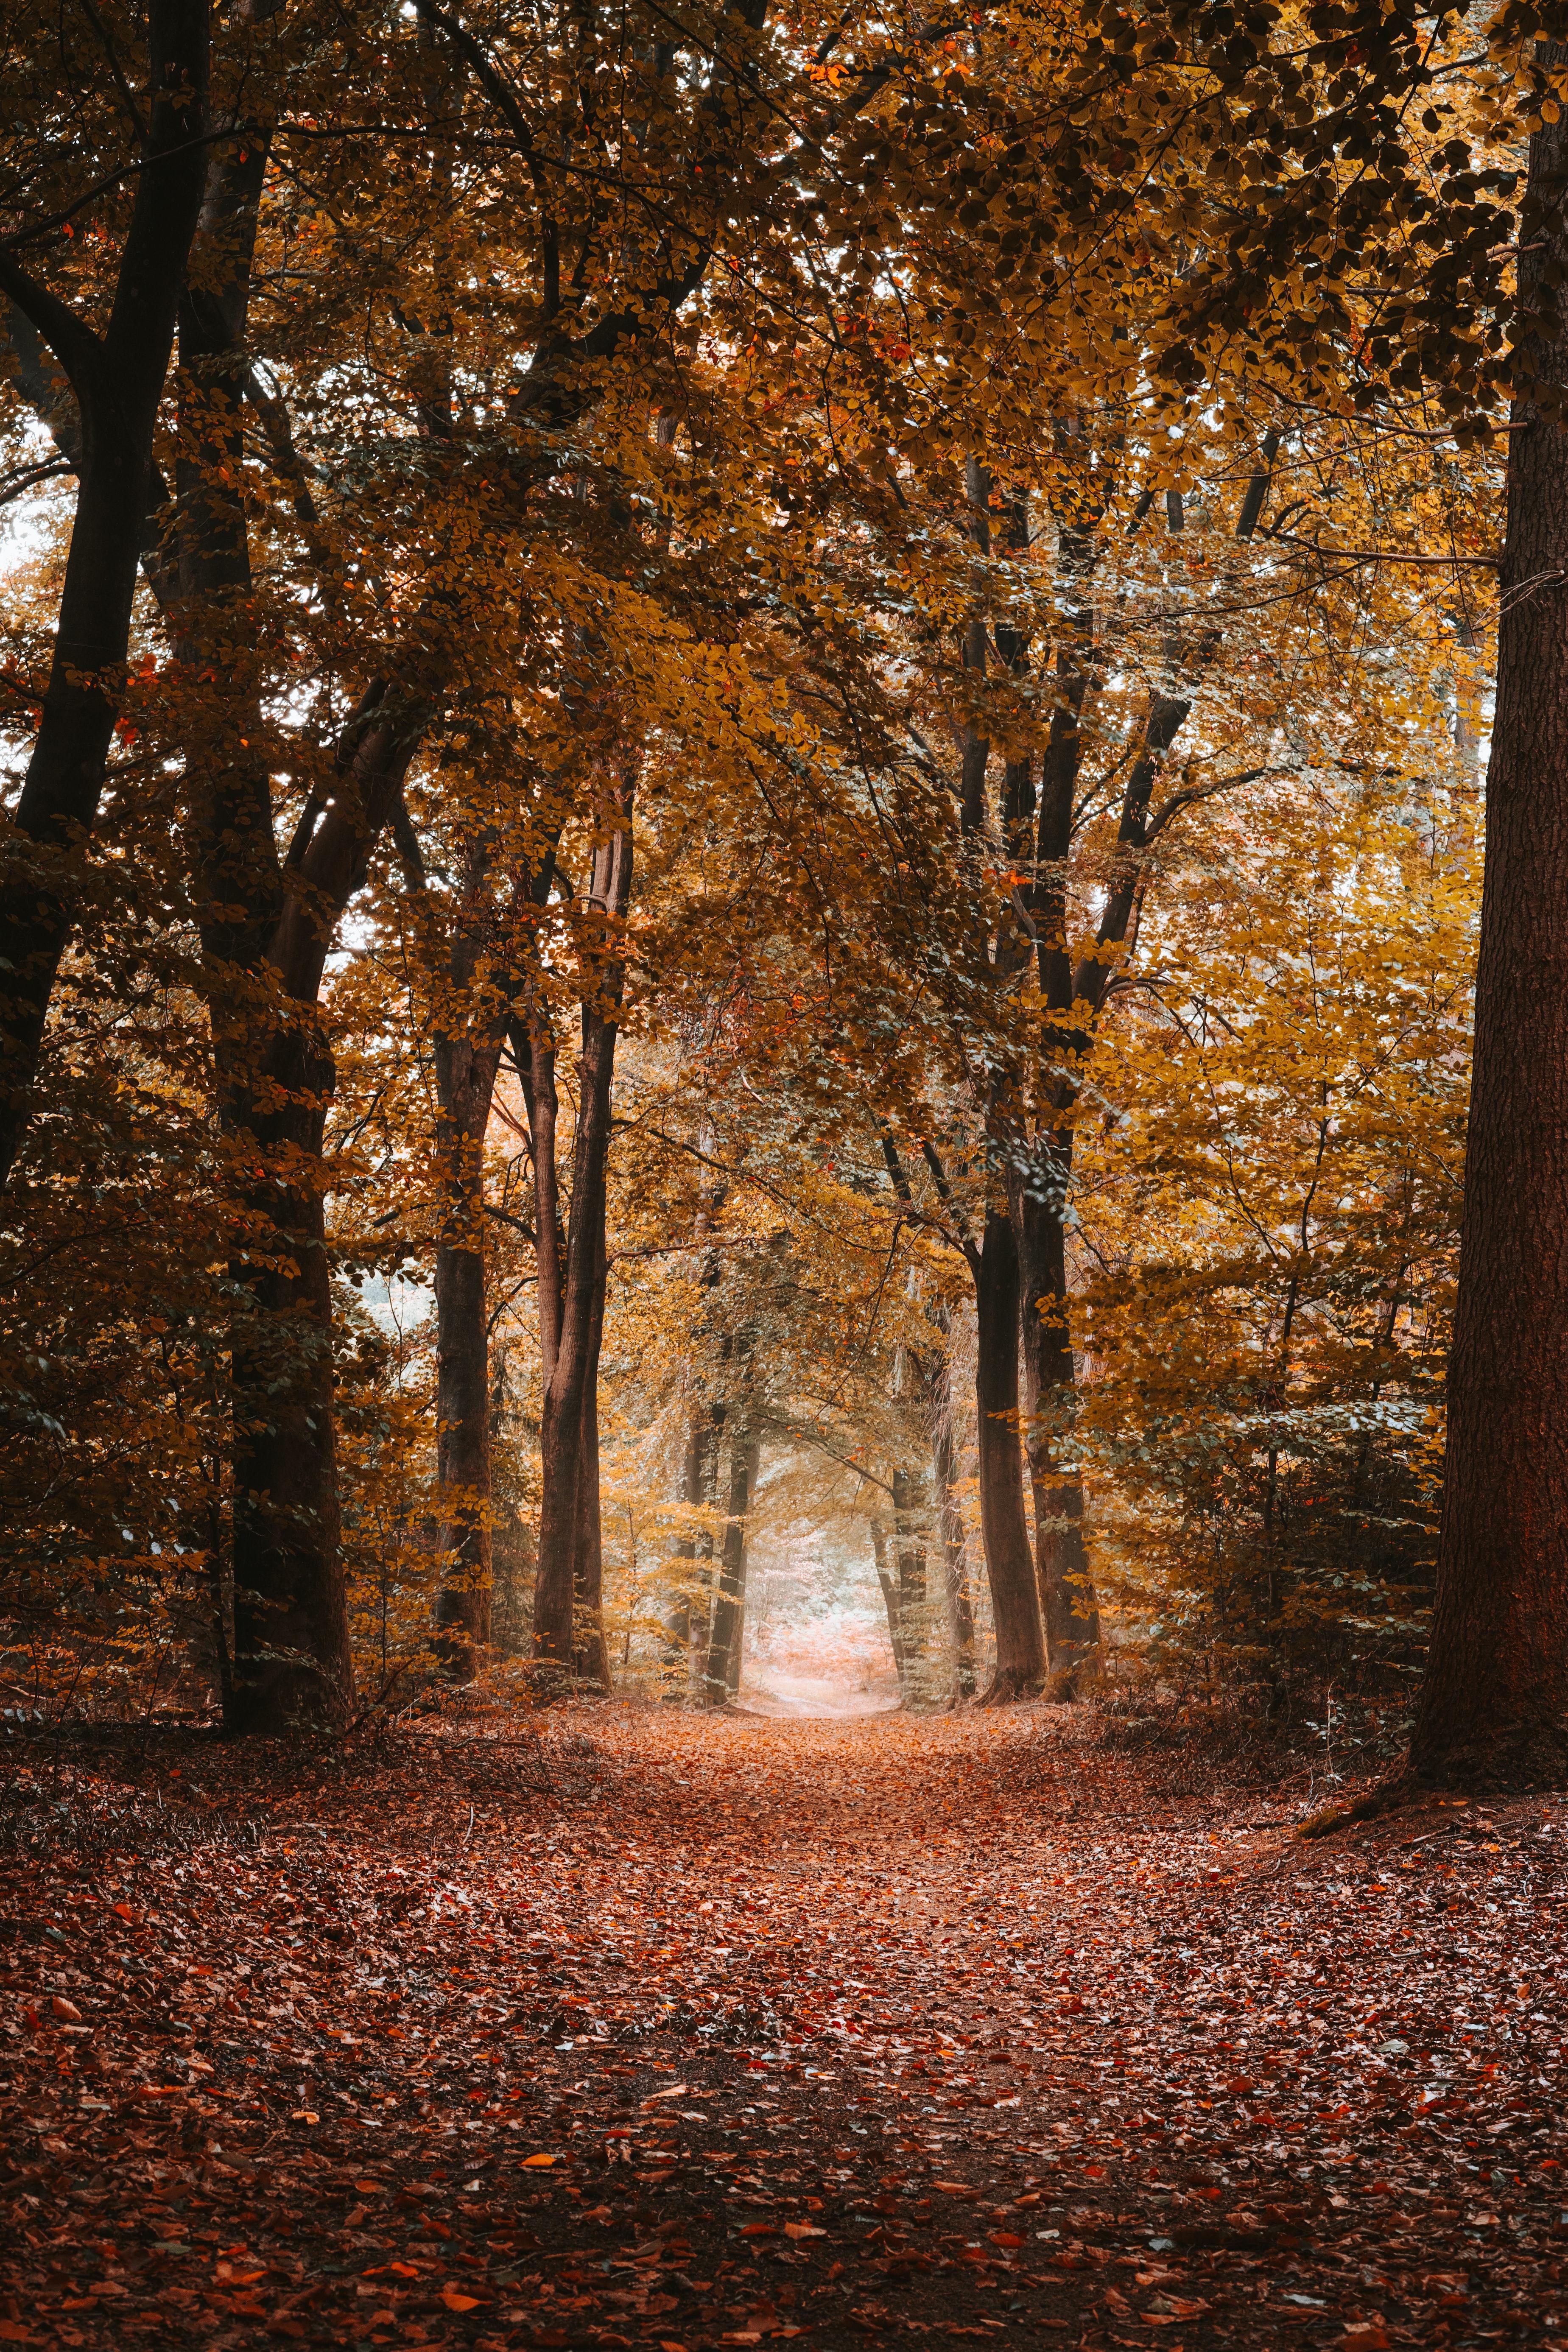 109025 Hintergrundbild herunterladen Herbst, Natur, Bäume, Gasse, Pfad, Laub, Dahl, Distanz - Bildschirmschoner und Bilder kostenlos